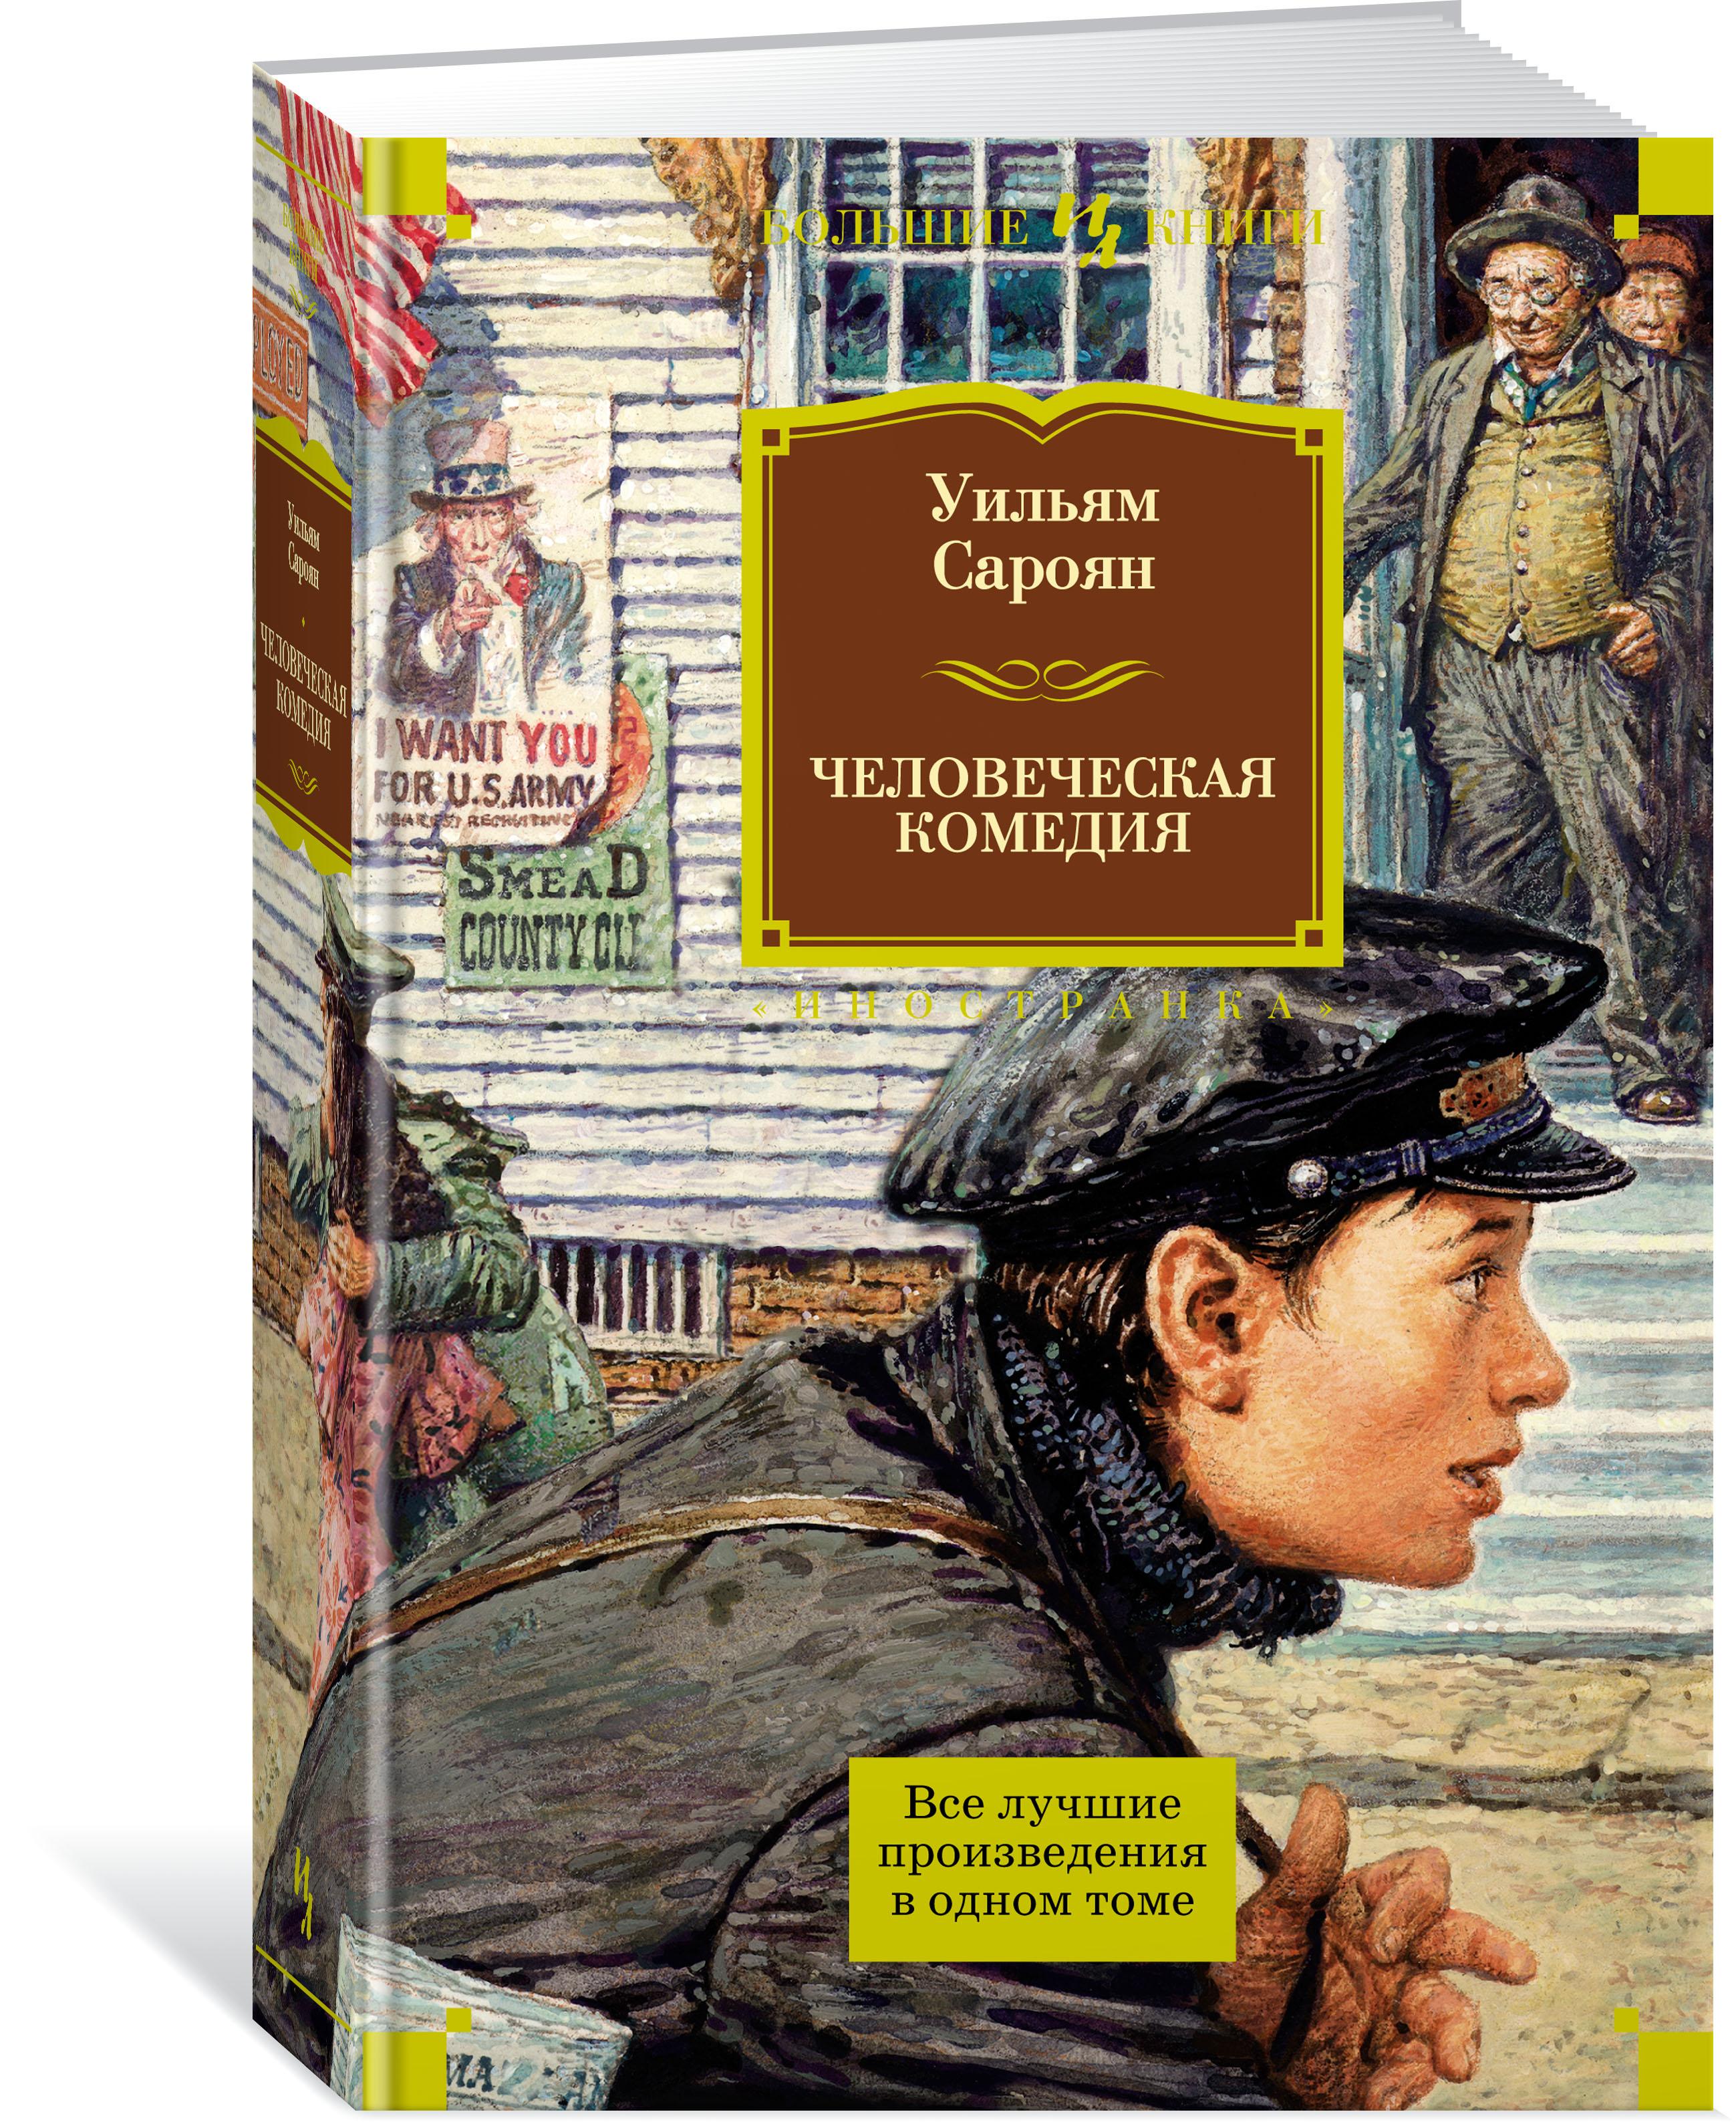 9785389113213 - Уильям Сароян: Человеческая комедия - Книга